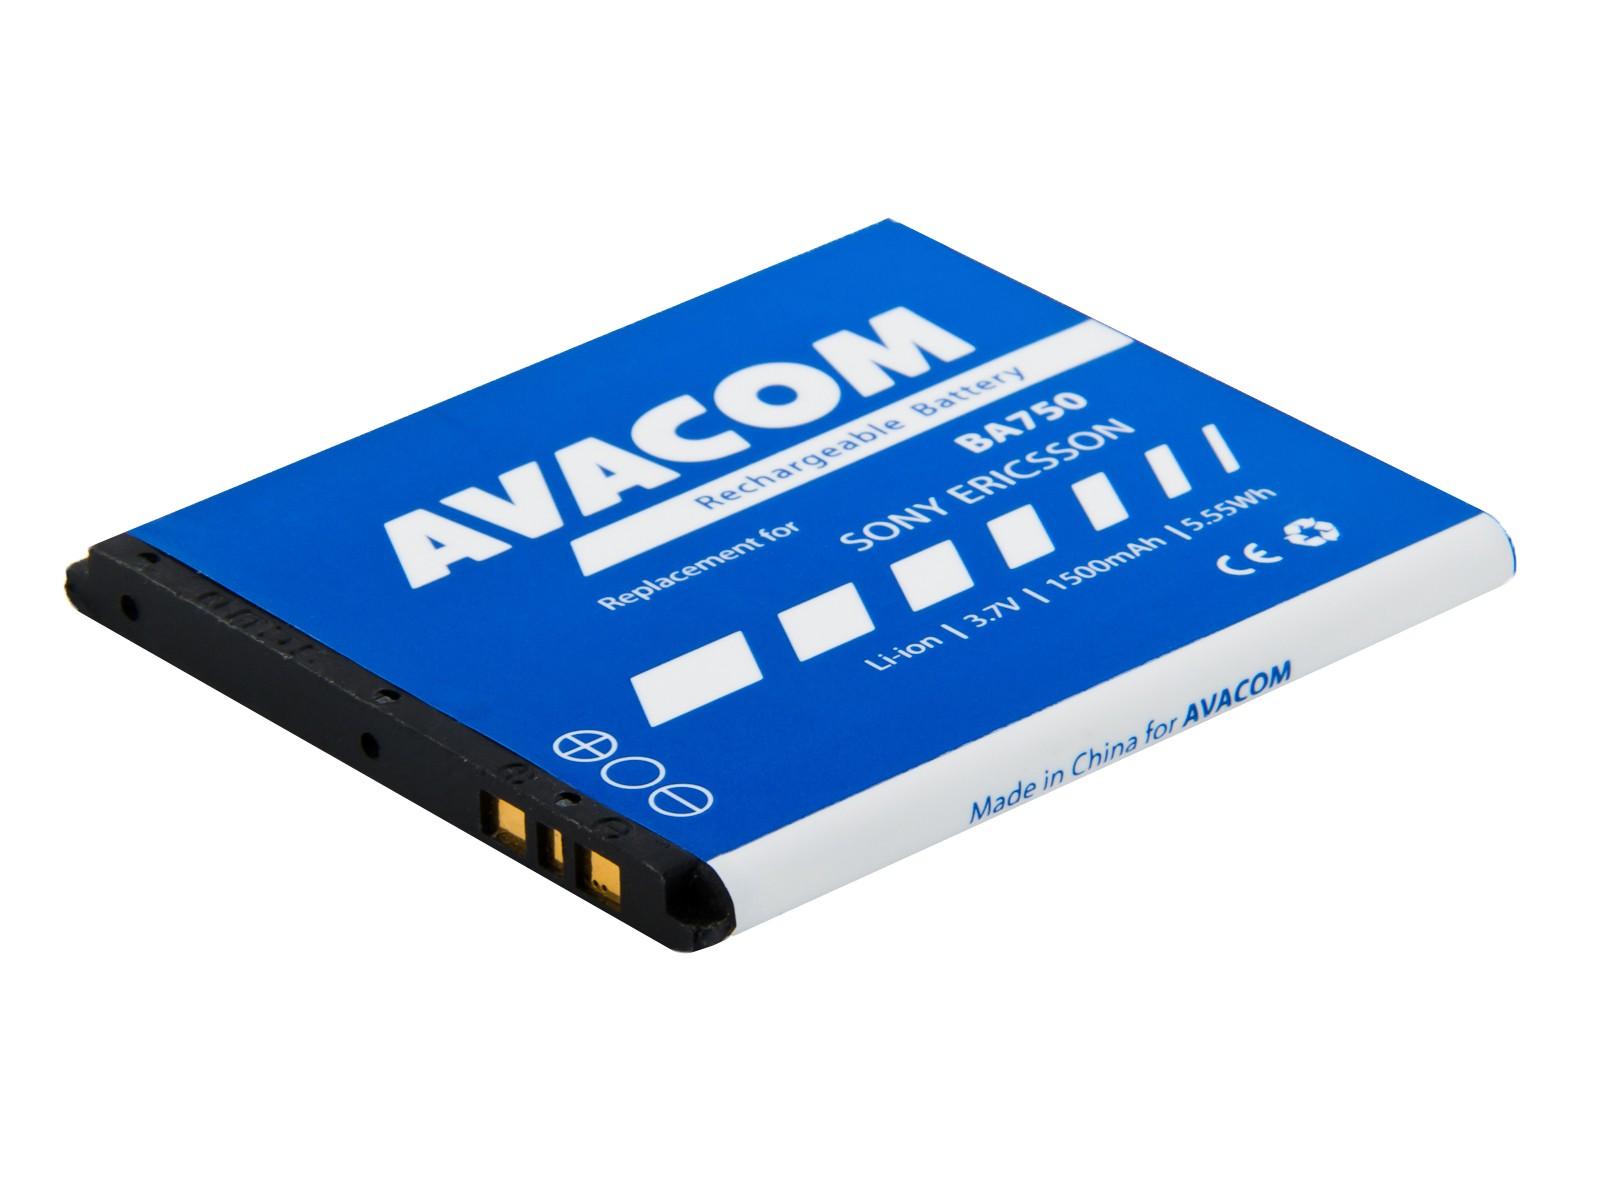 Baterie AVACOM GSSE-ARC-S1500A do mobilu Sony Ericsson Xperia Arc, Arc S Li-Ion 3,7V 1500mAh